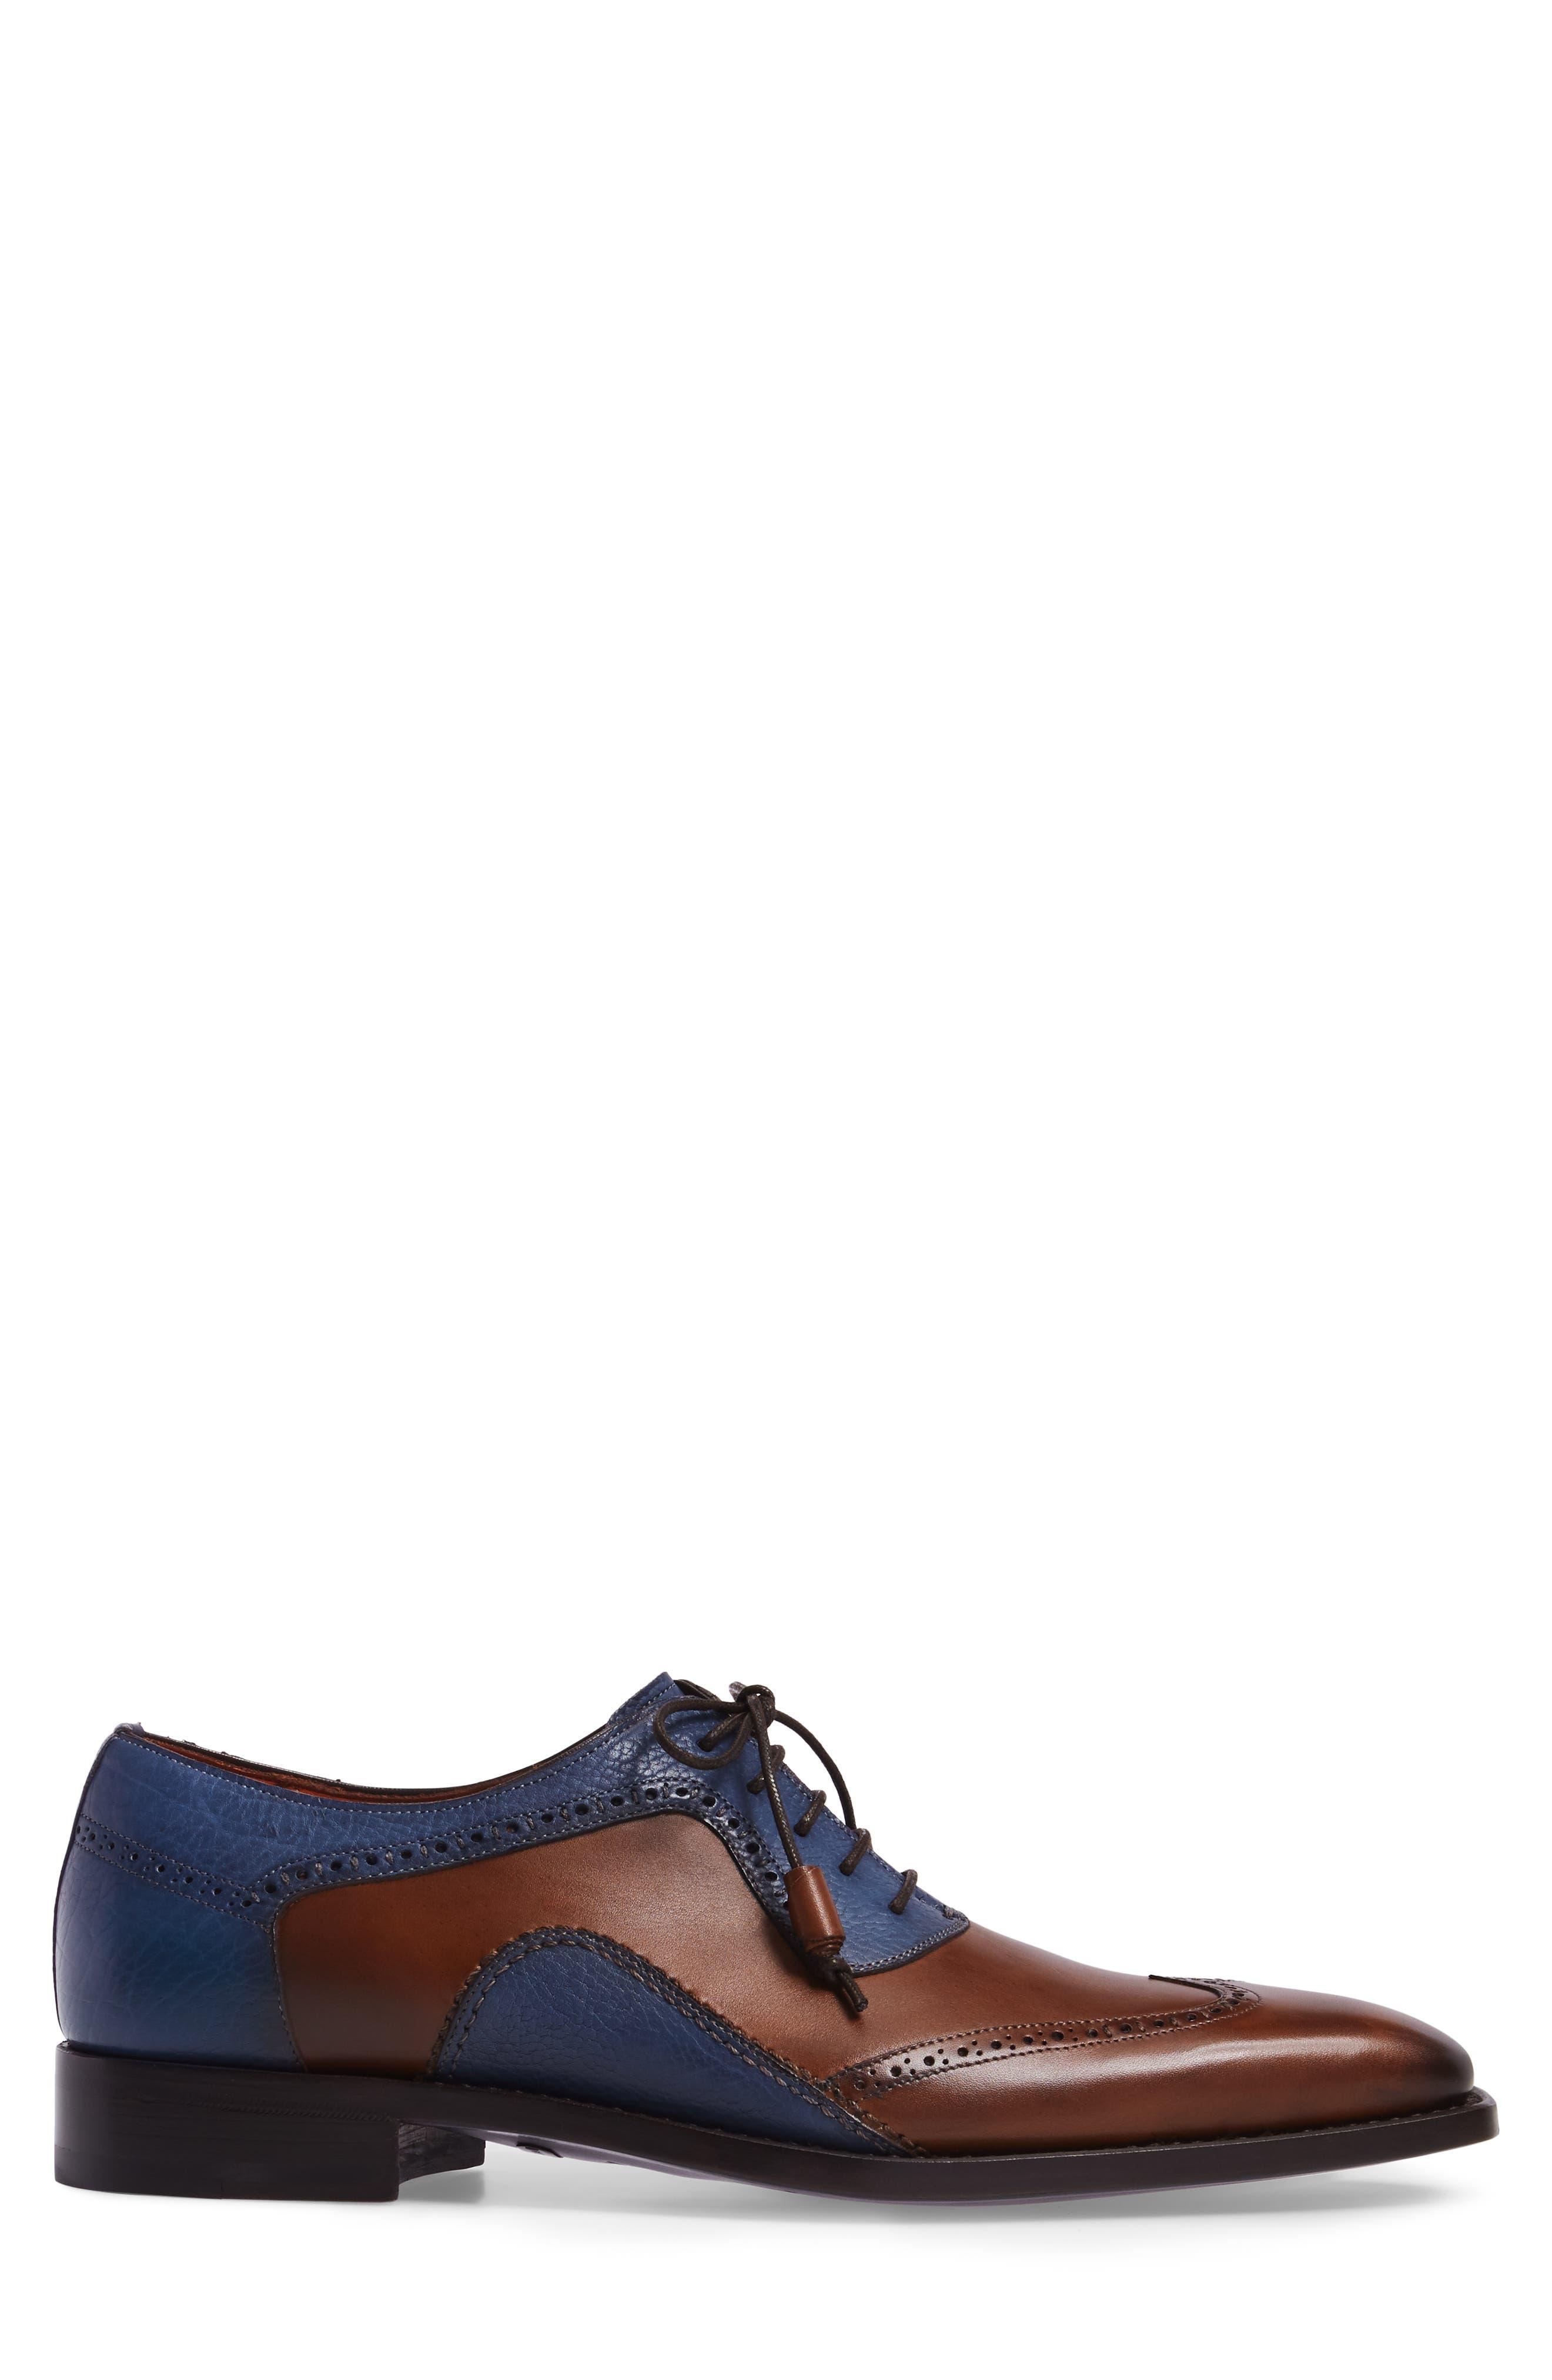 Conil Wingtip,                             Alternate thumbnail 3, color,                             Cognac/ Blue Leather